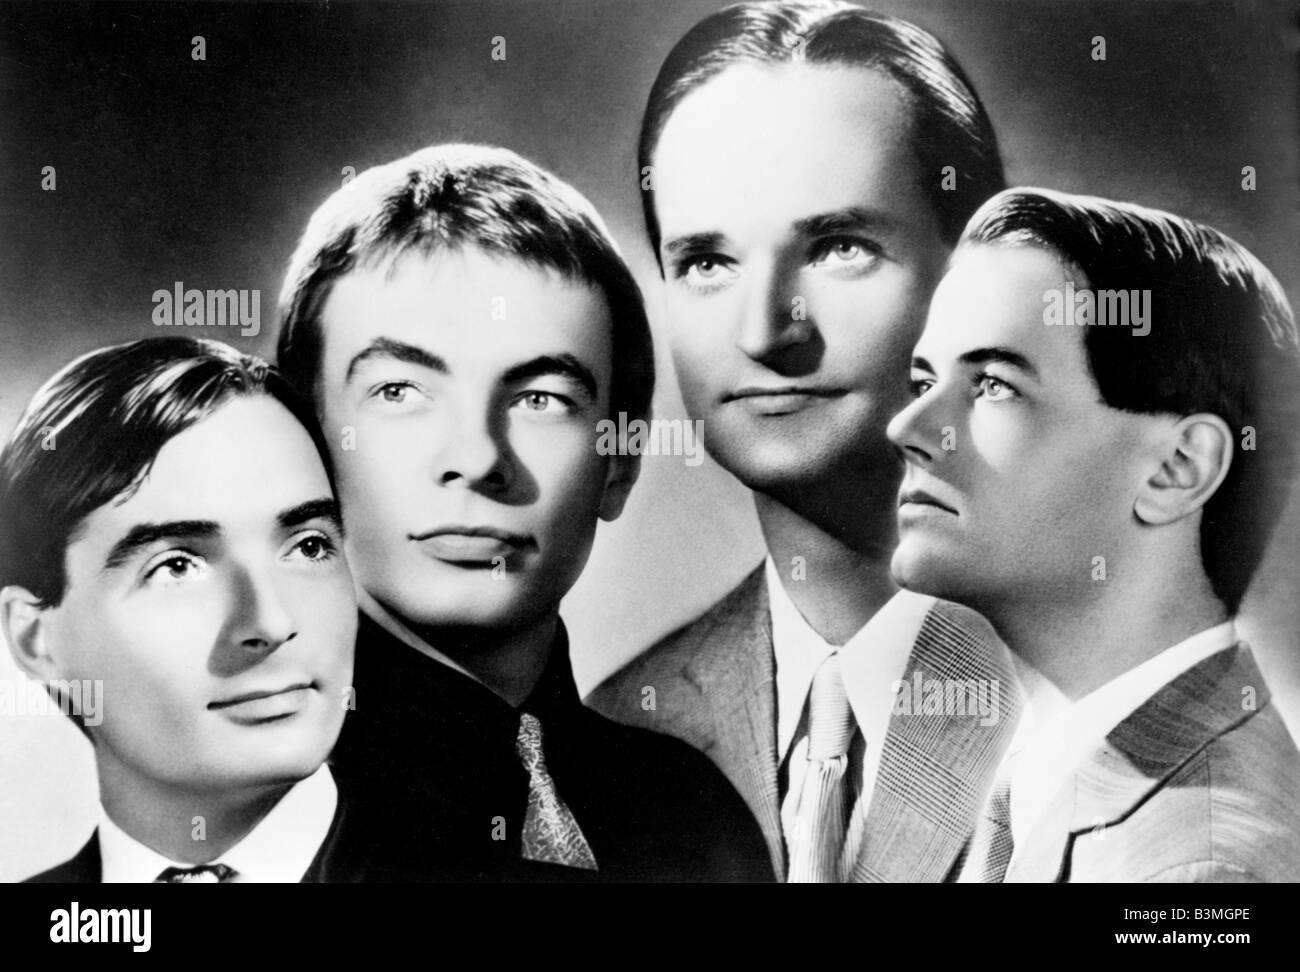 KRAFTWERK 1980s German Pop Group